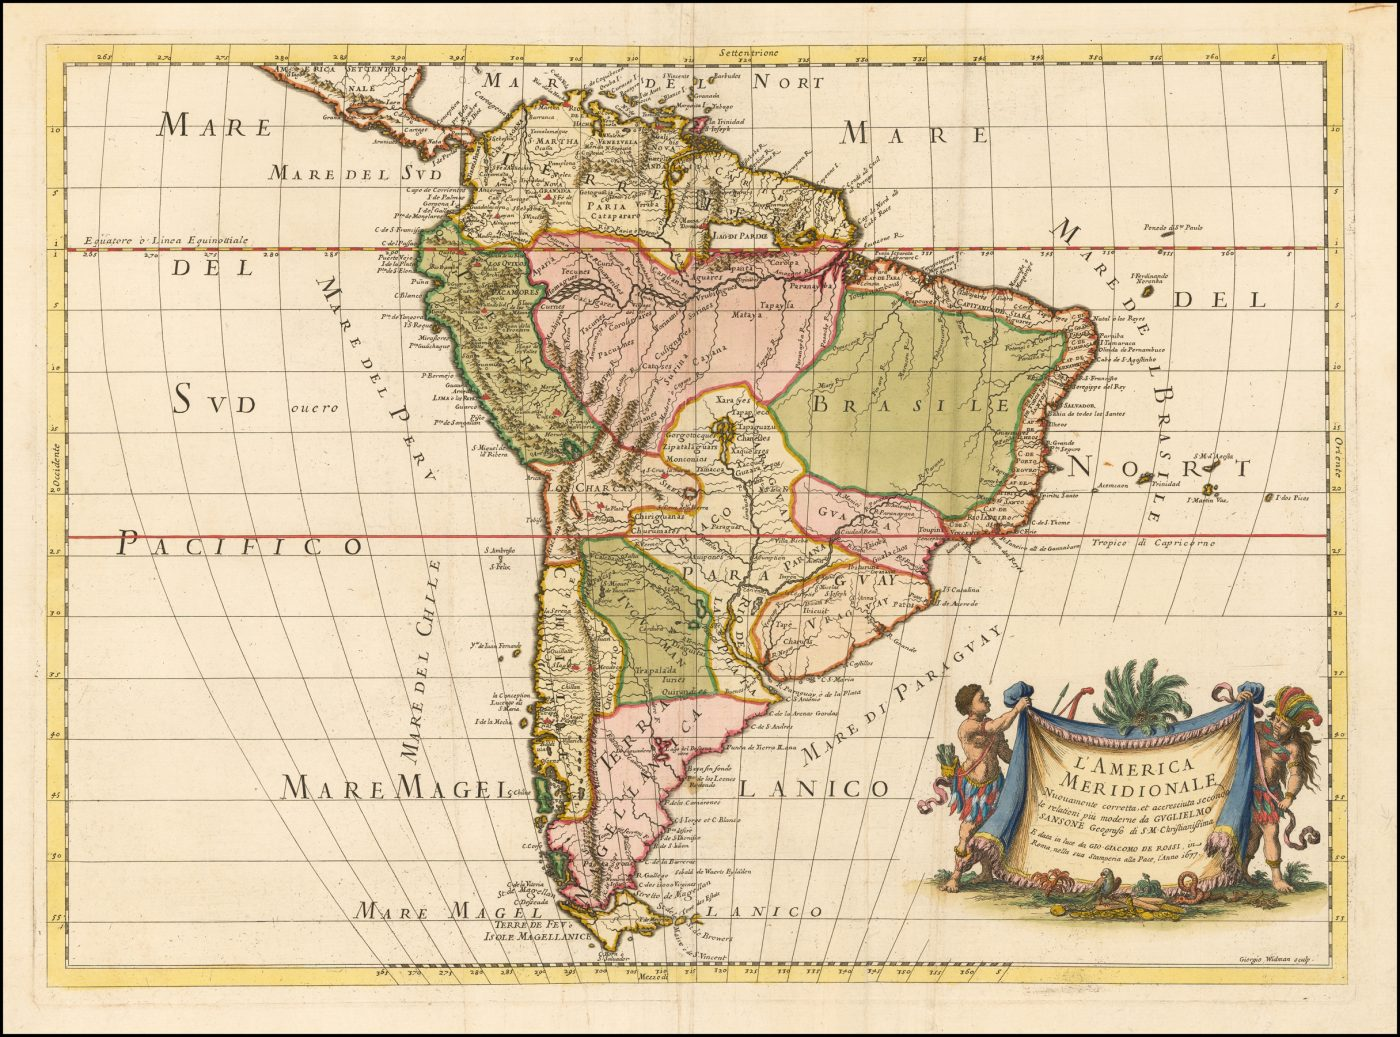 Первое издание карты Южной Америки Джакомо Джованни Росси, опубликованной в Риме в 1677 году